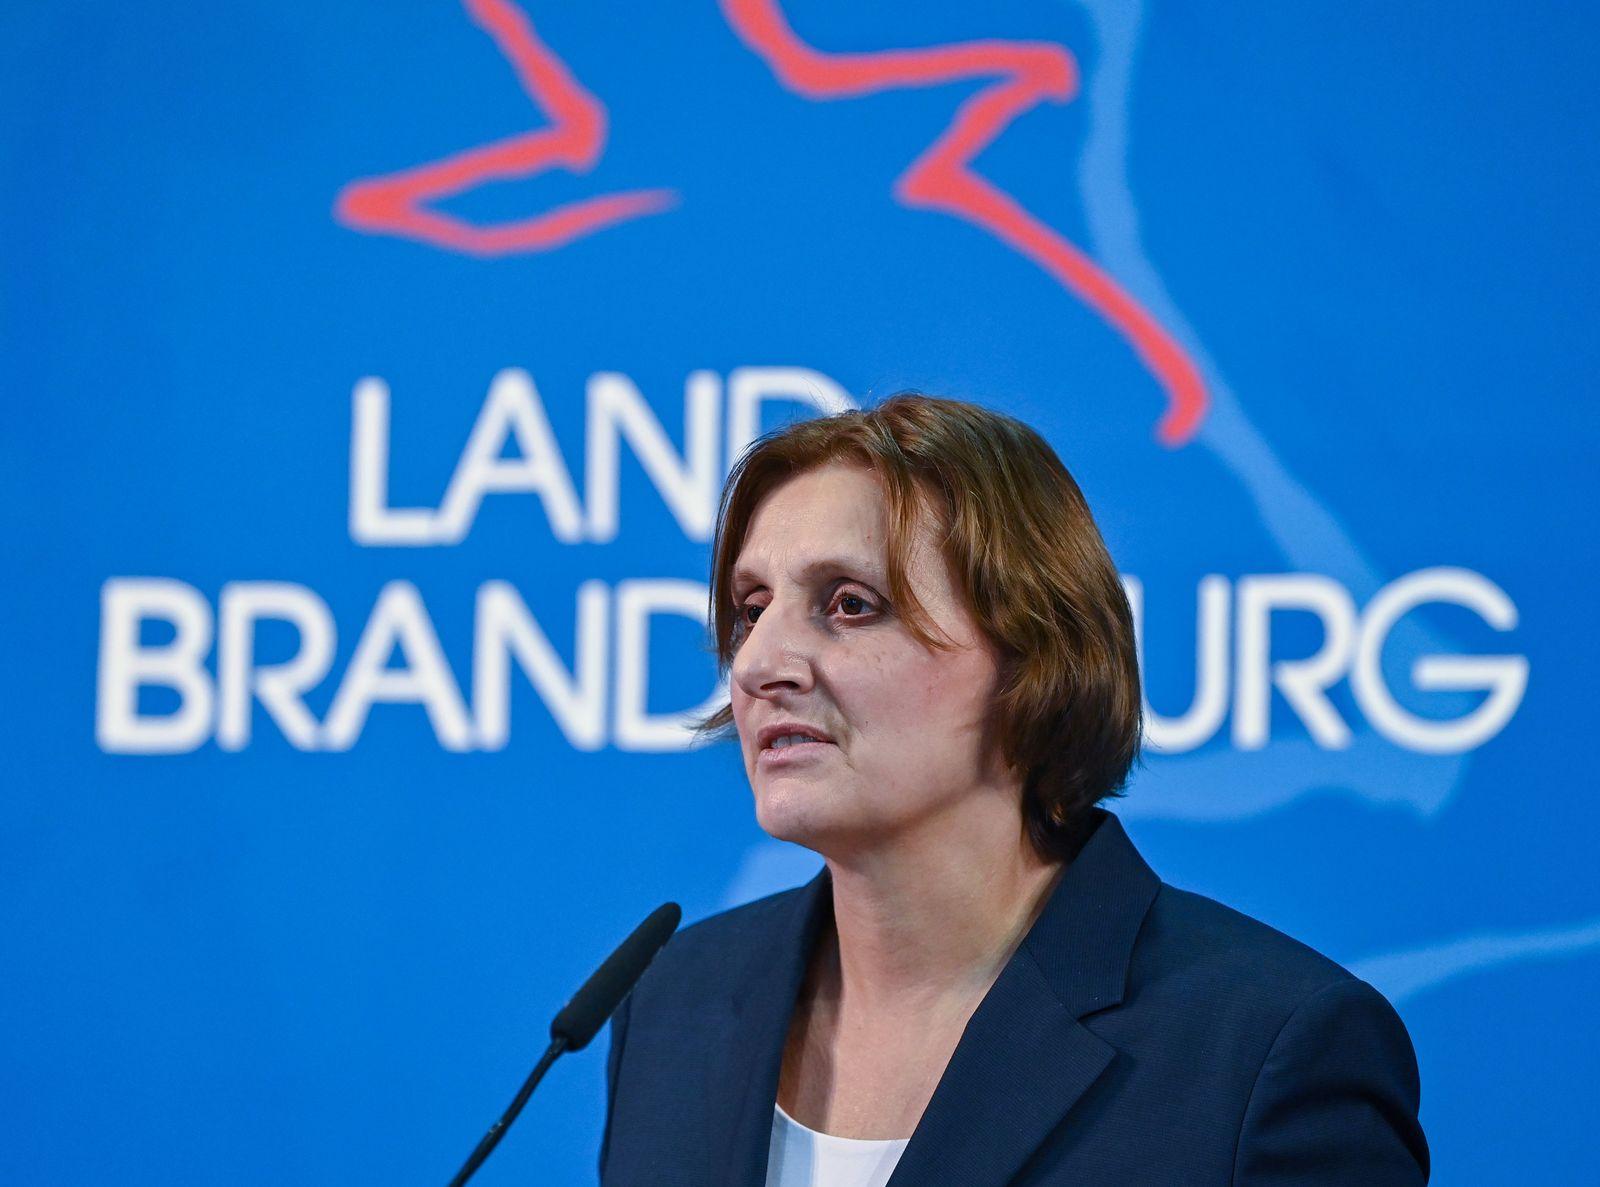 Coronavirus - Statements Landesregierung Brandenburg